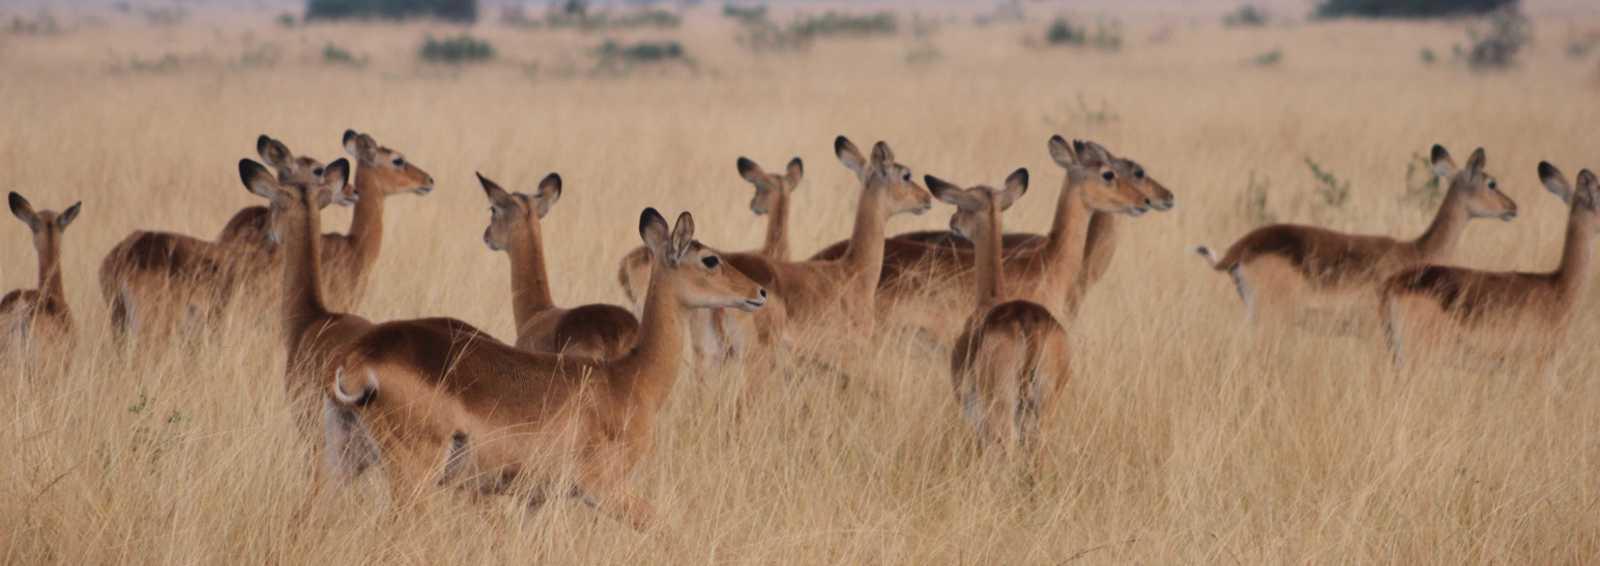 Part of a herd of kob in Queen Elizabeth National Park, Uganda